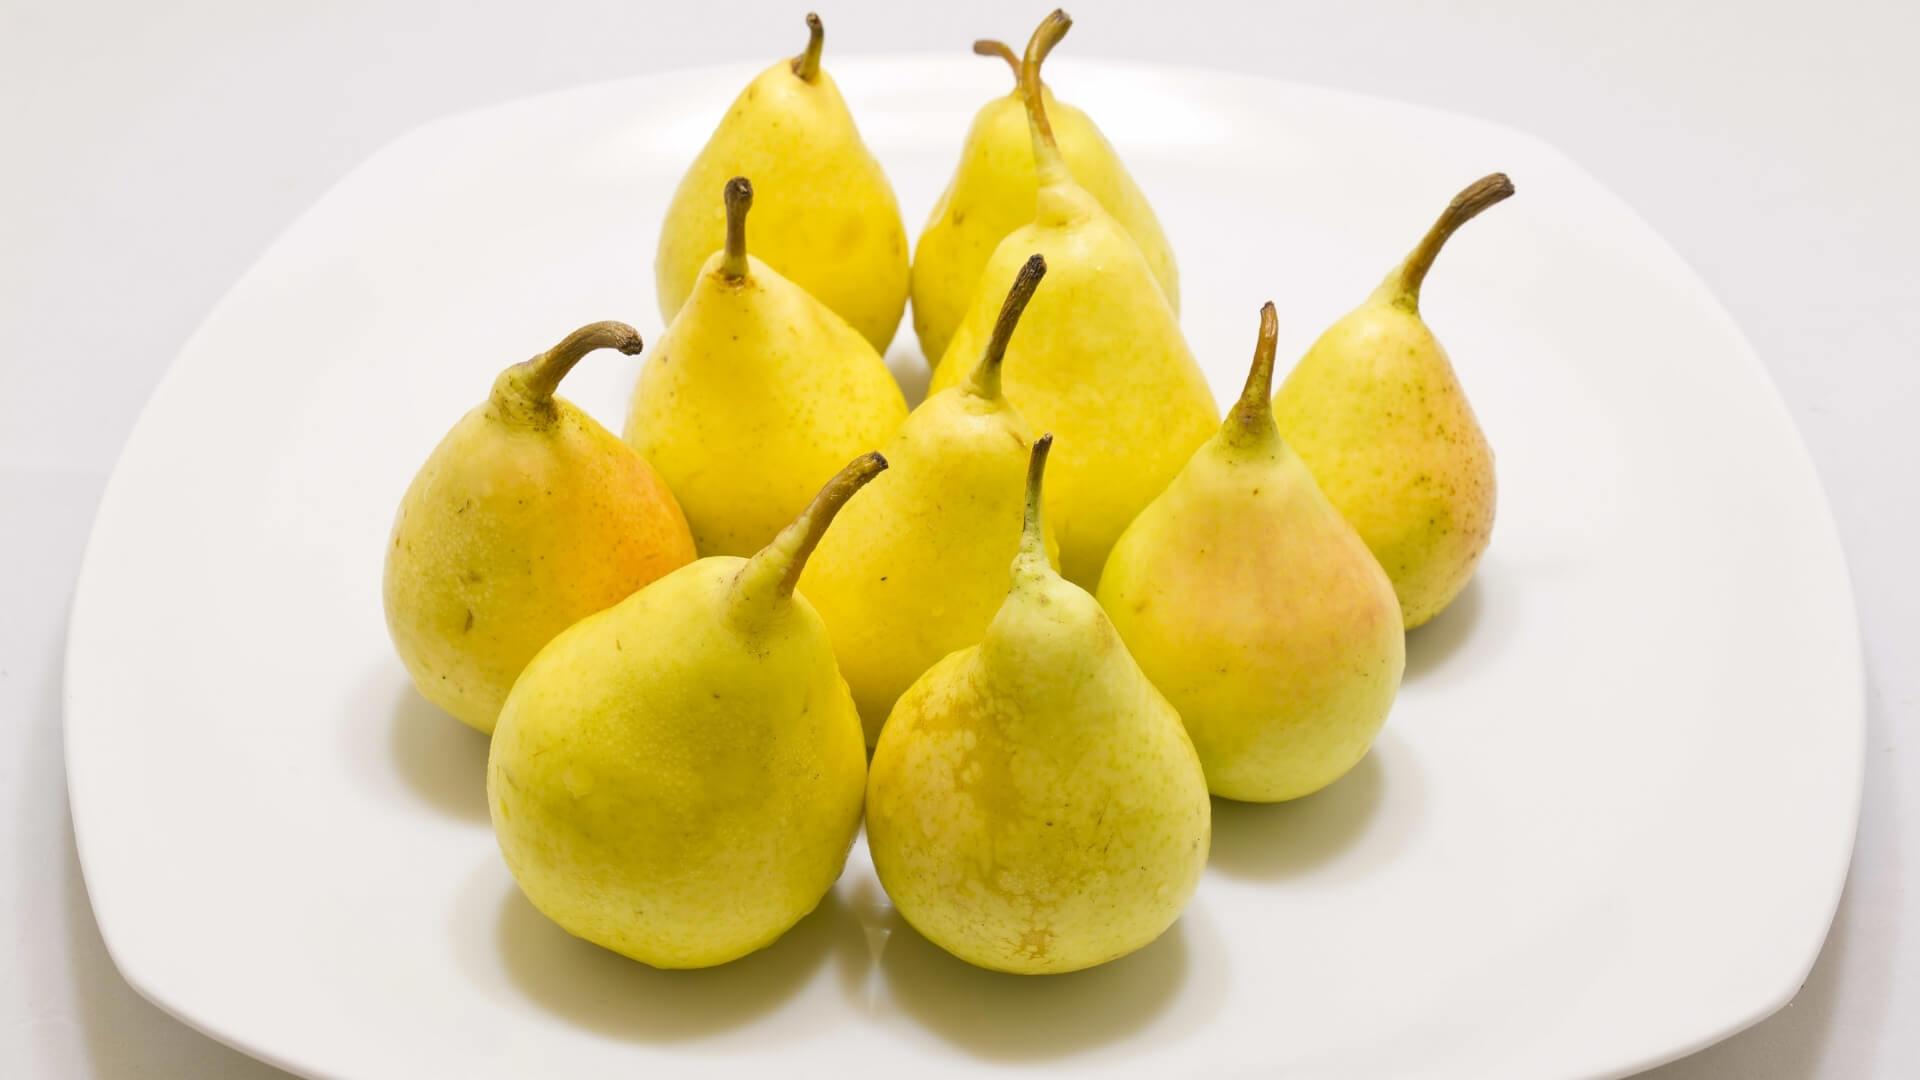 Pera coscia, la pera estiva tipica del Sud Italia